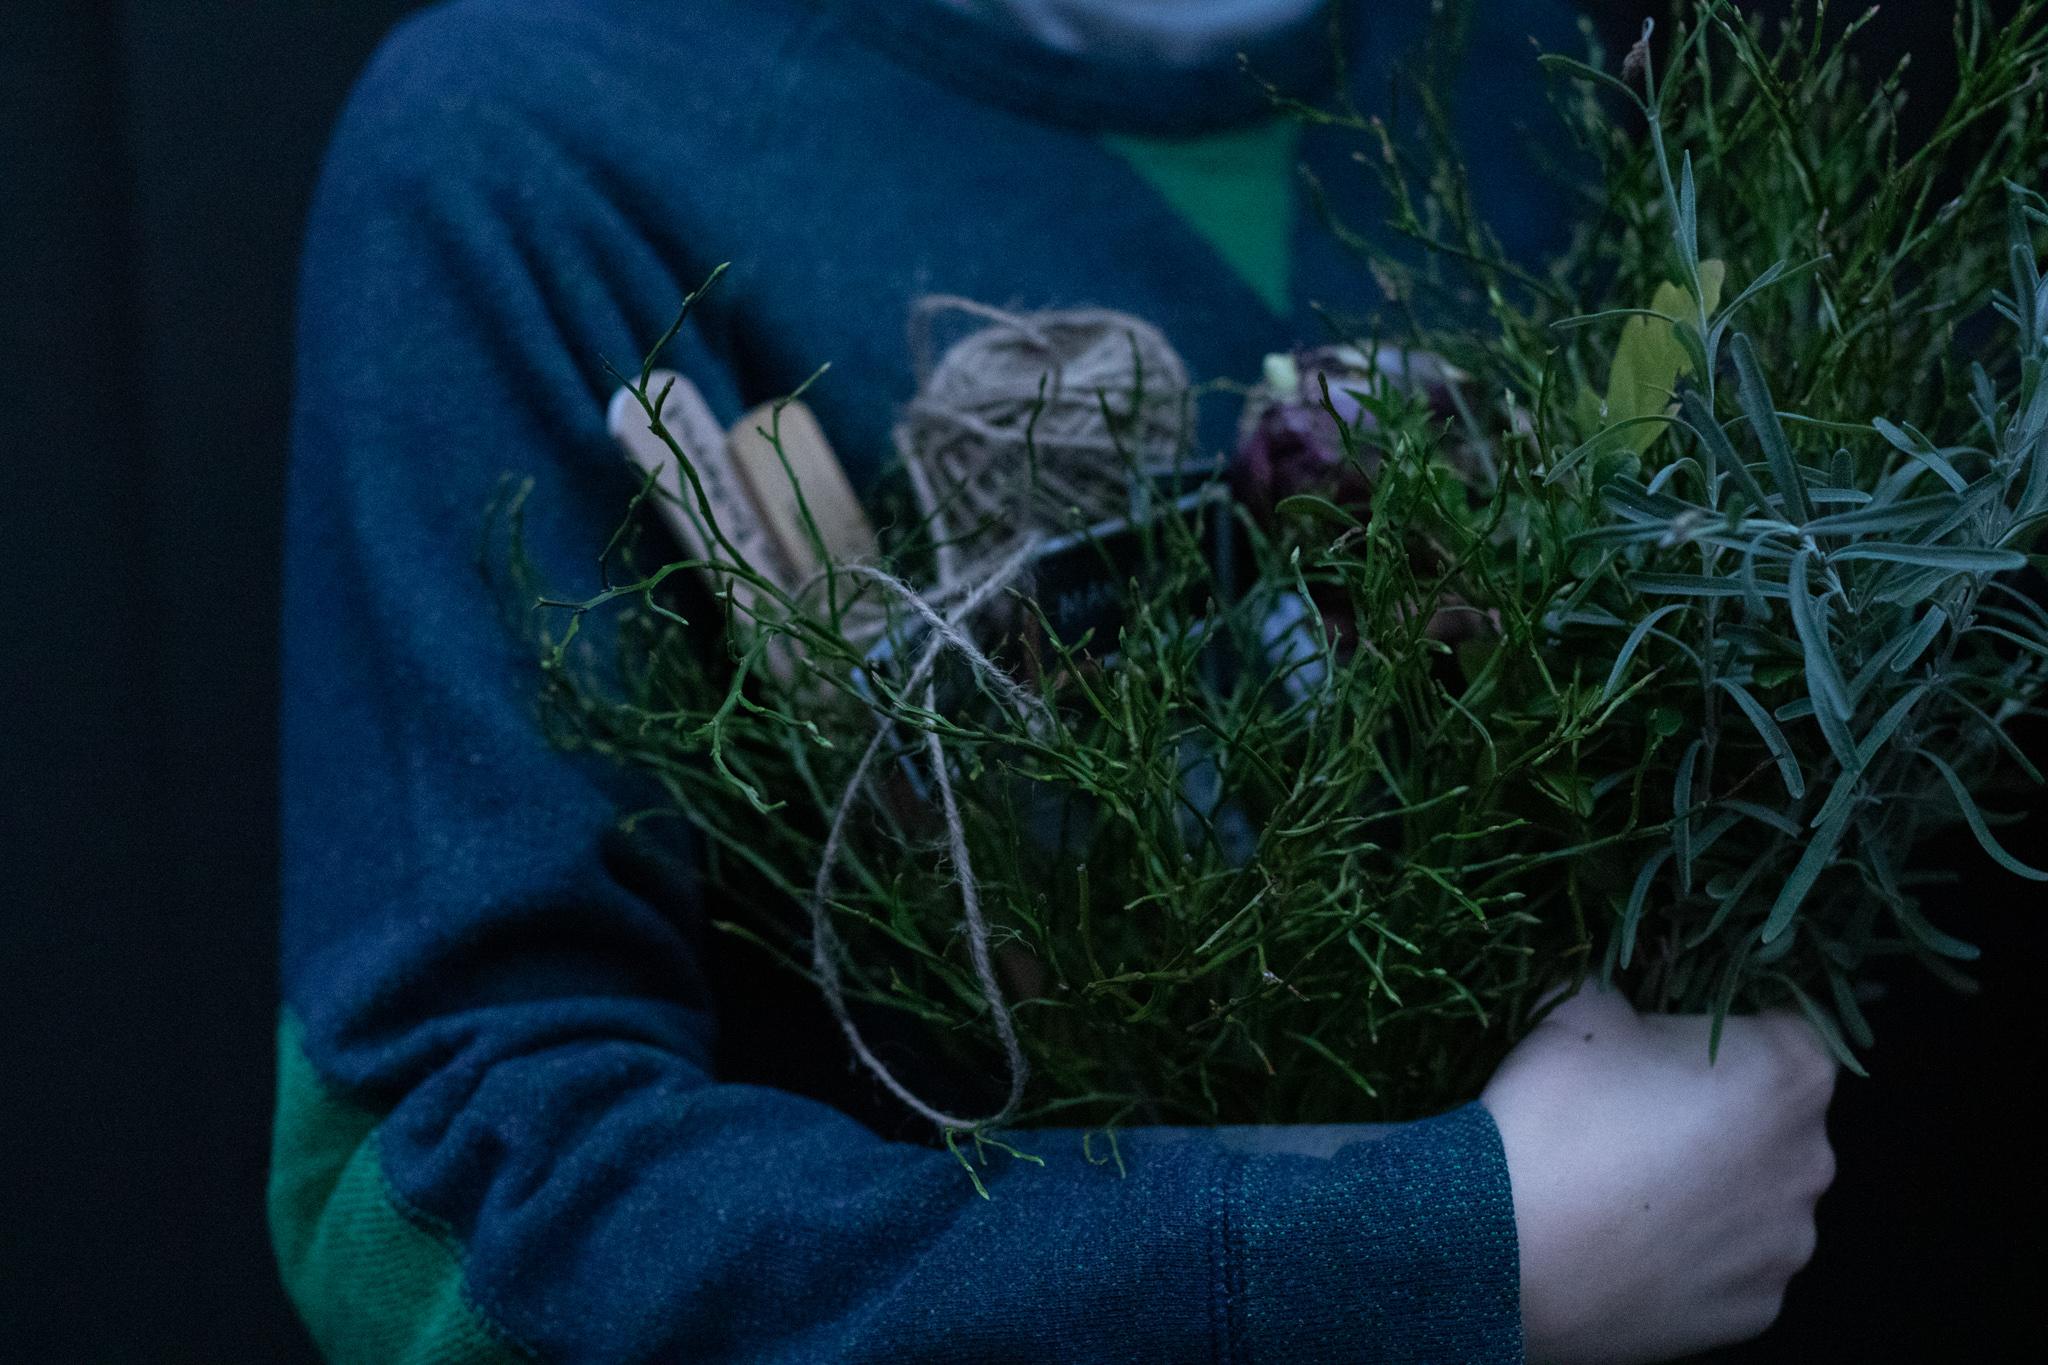 Plantering inför jul. Använder gröna växter